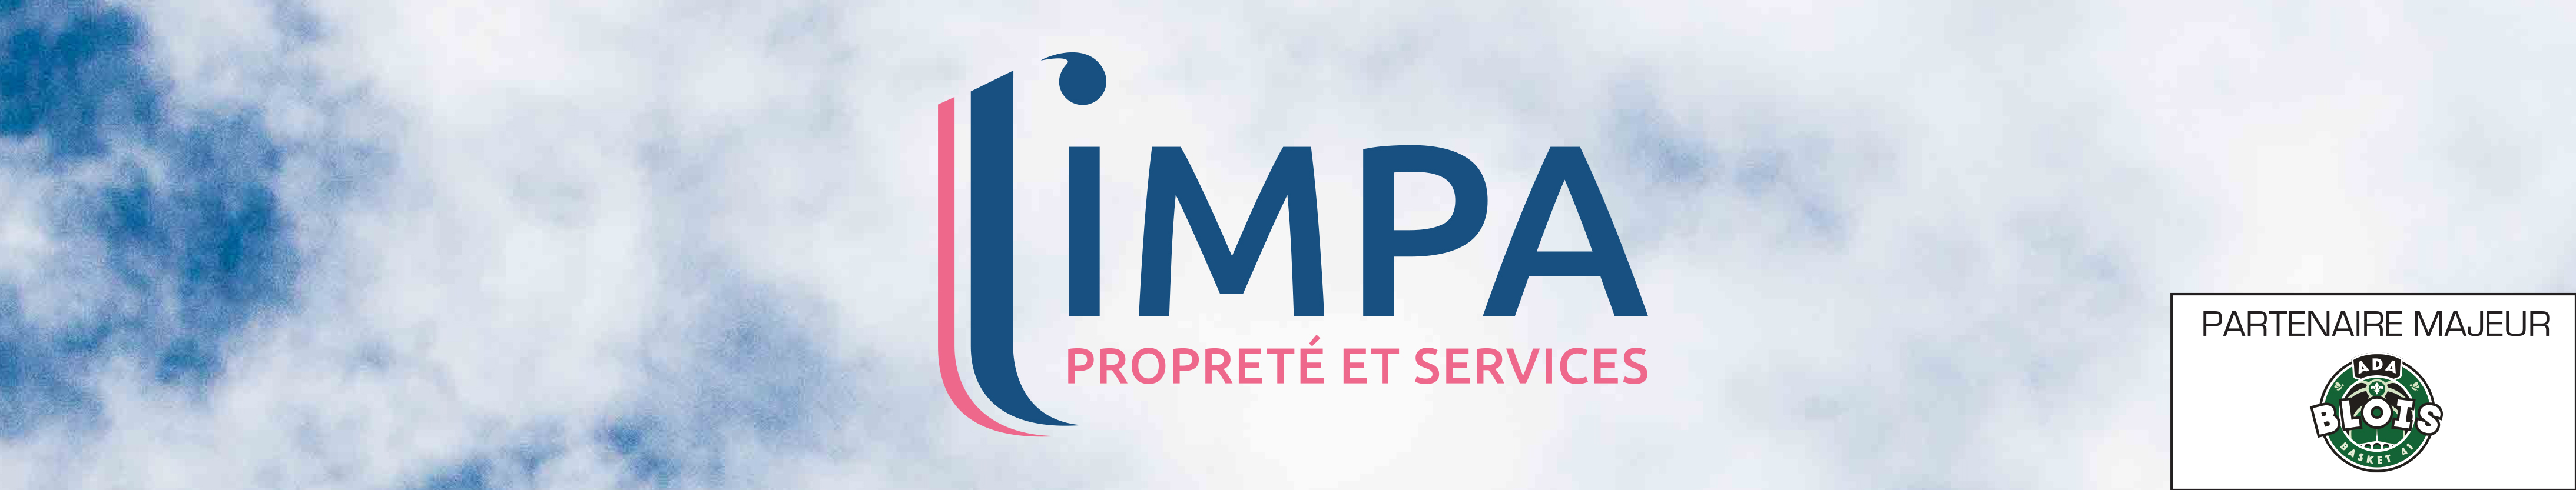 LIMPA, partenaire majeur de l'ADA BLOIS BASKET